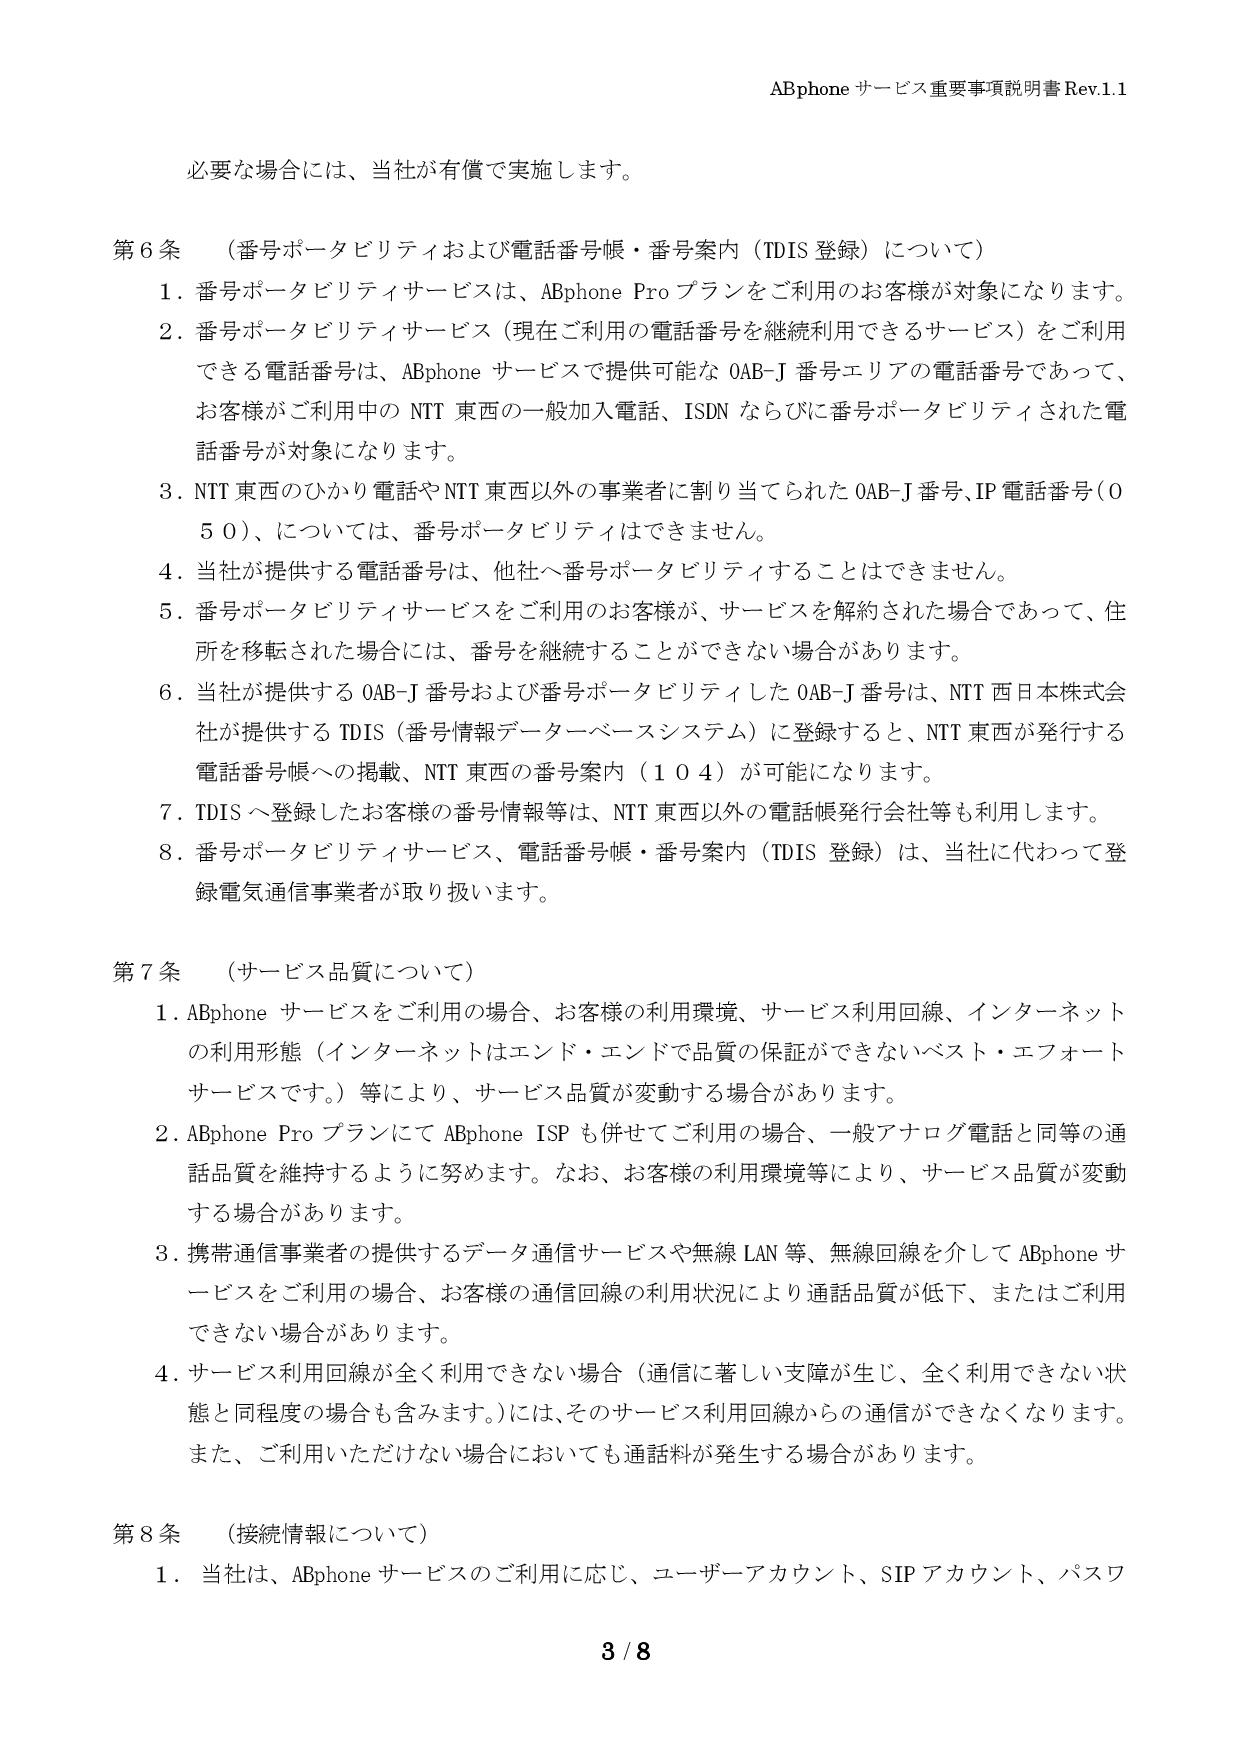 重要事項説明 3/8